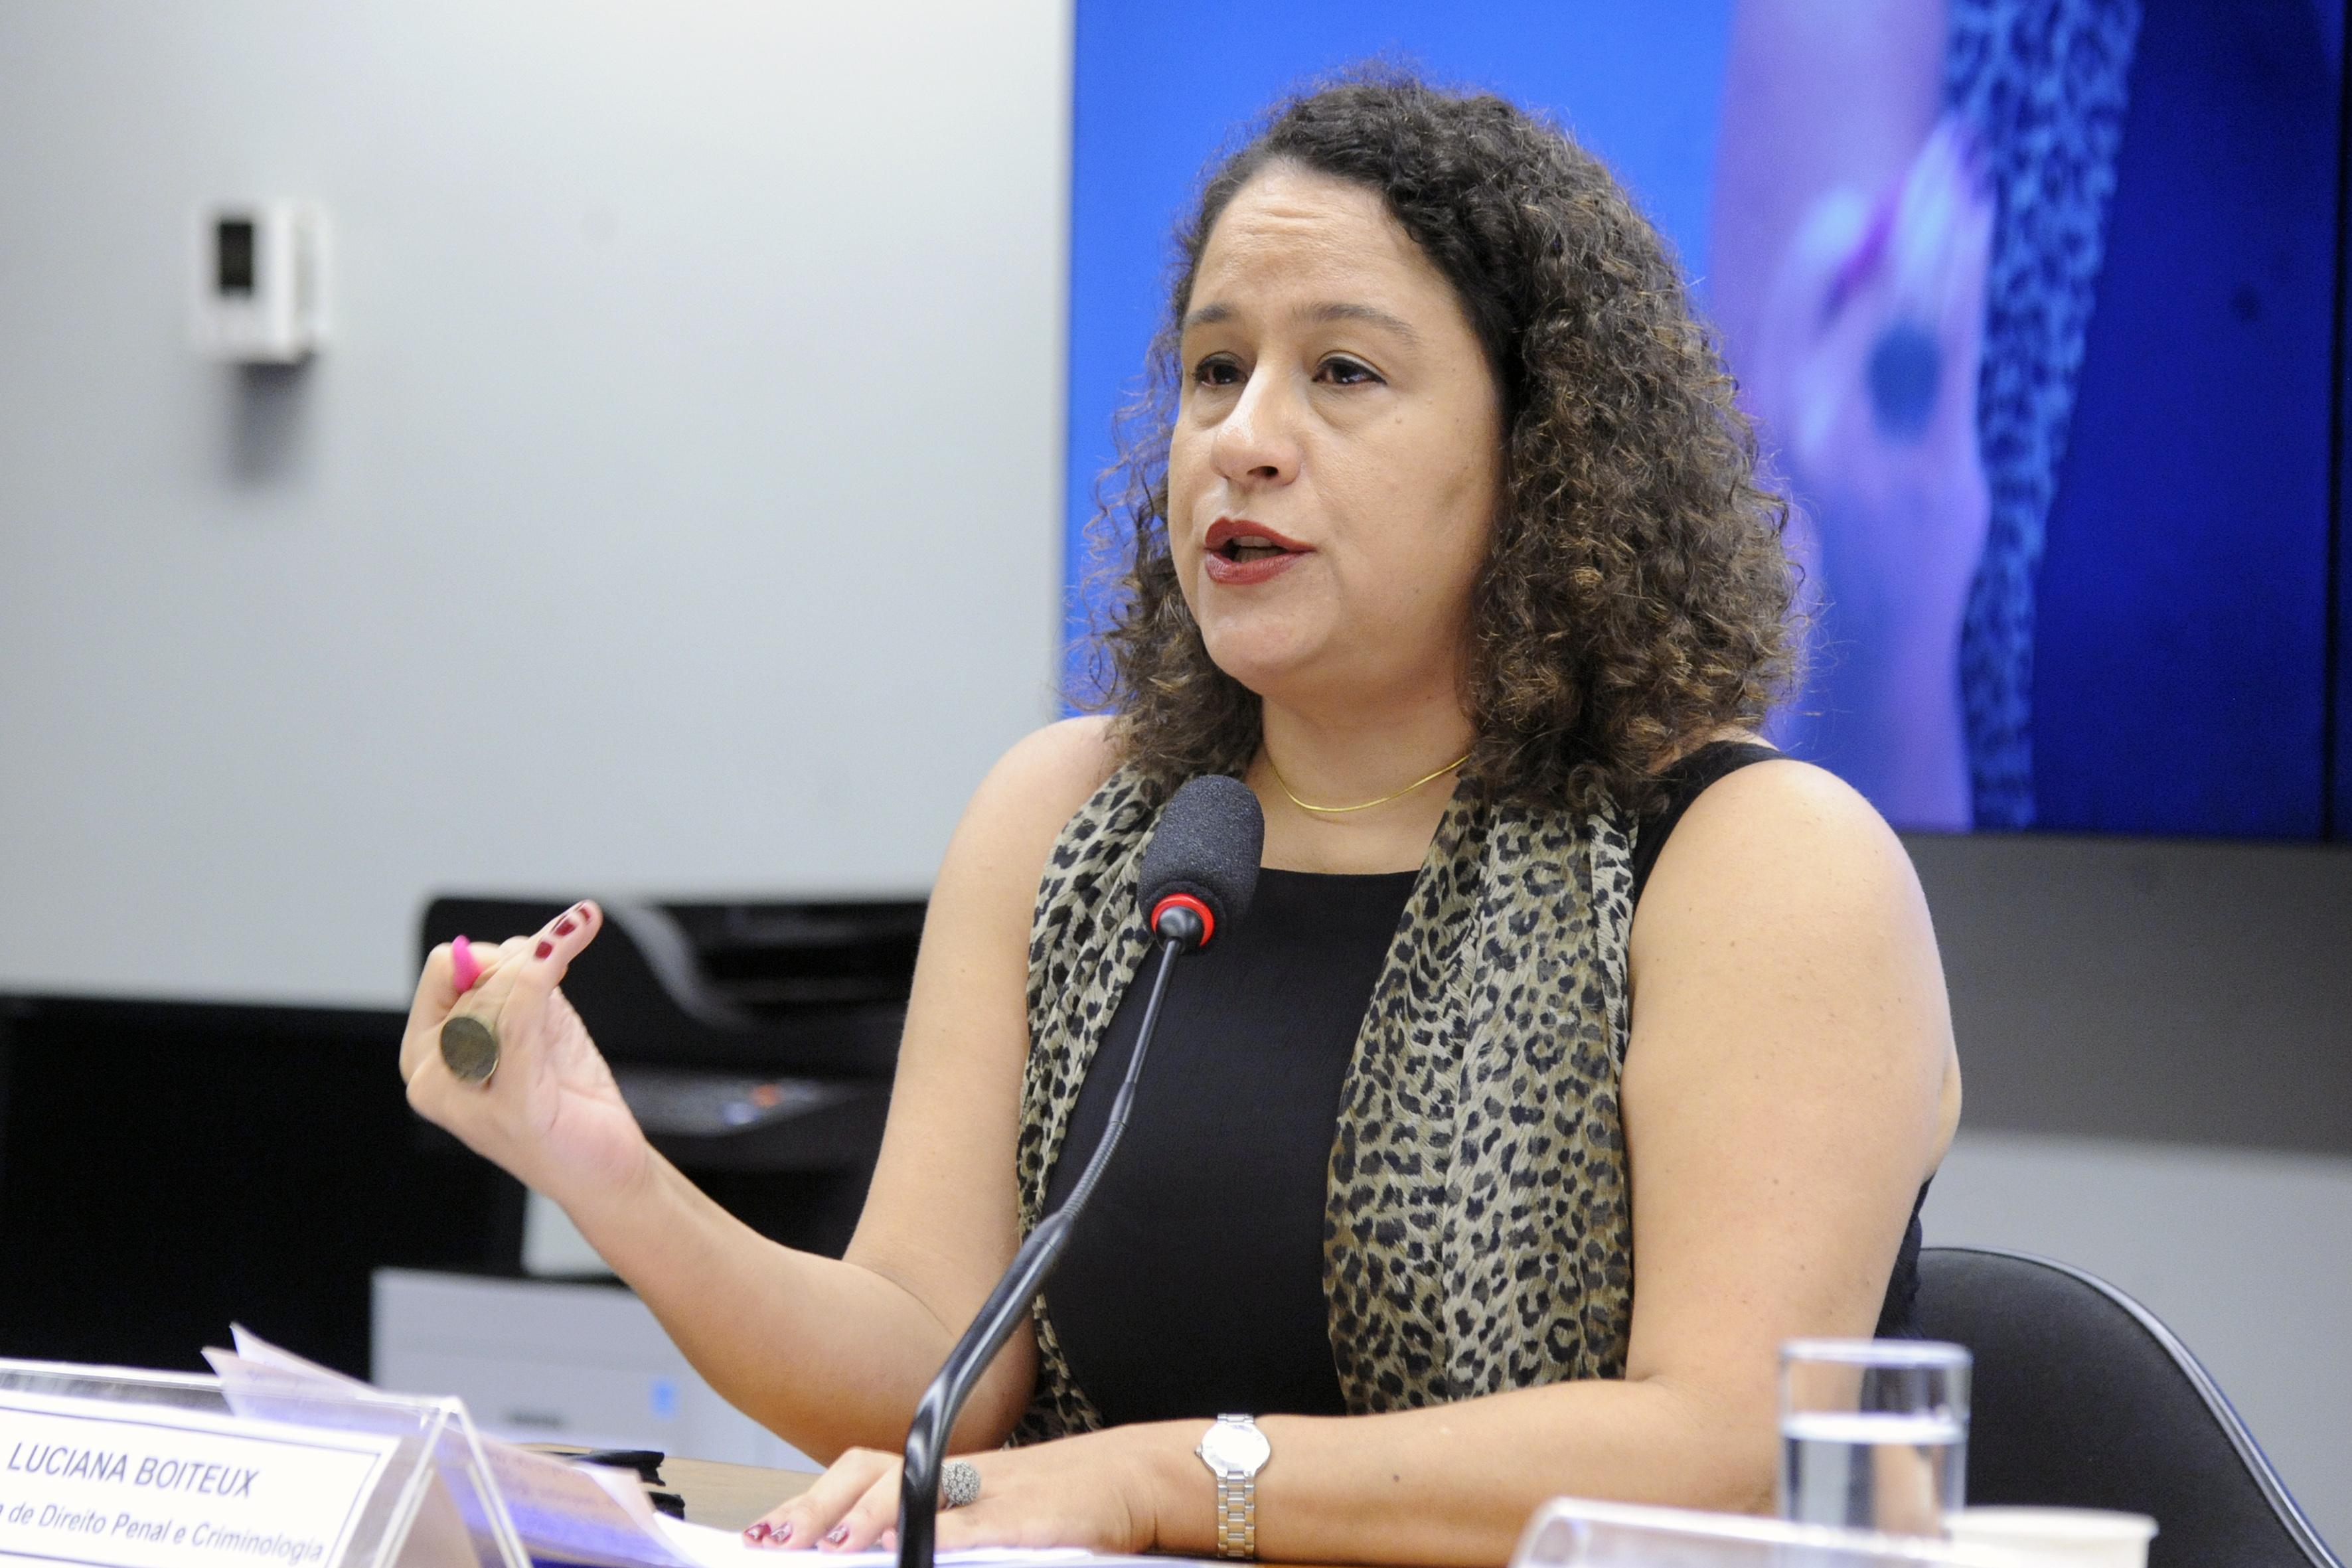 Audiência pública. Professora de Direito Penal e Criminologia da UFRJ, LUCIANA BOITEUX DE FIGUEIREDO RODRIGUES